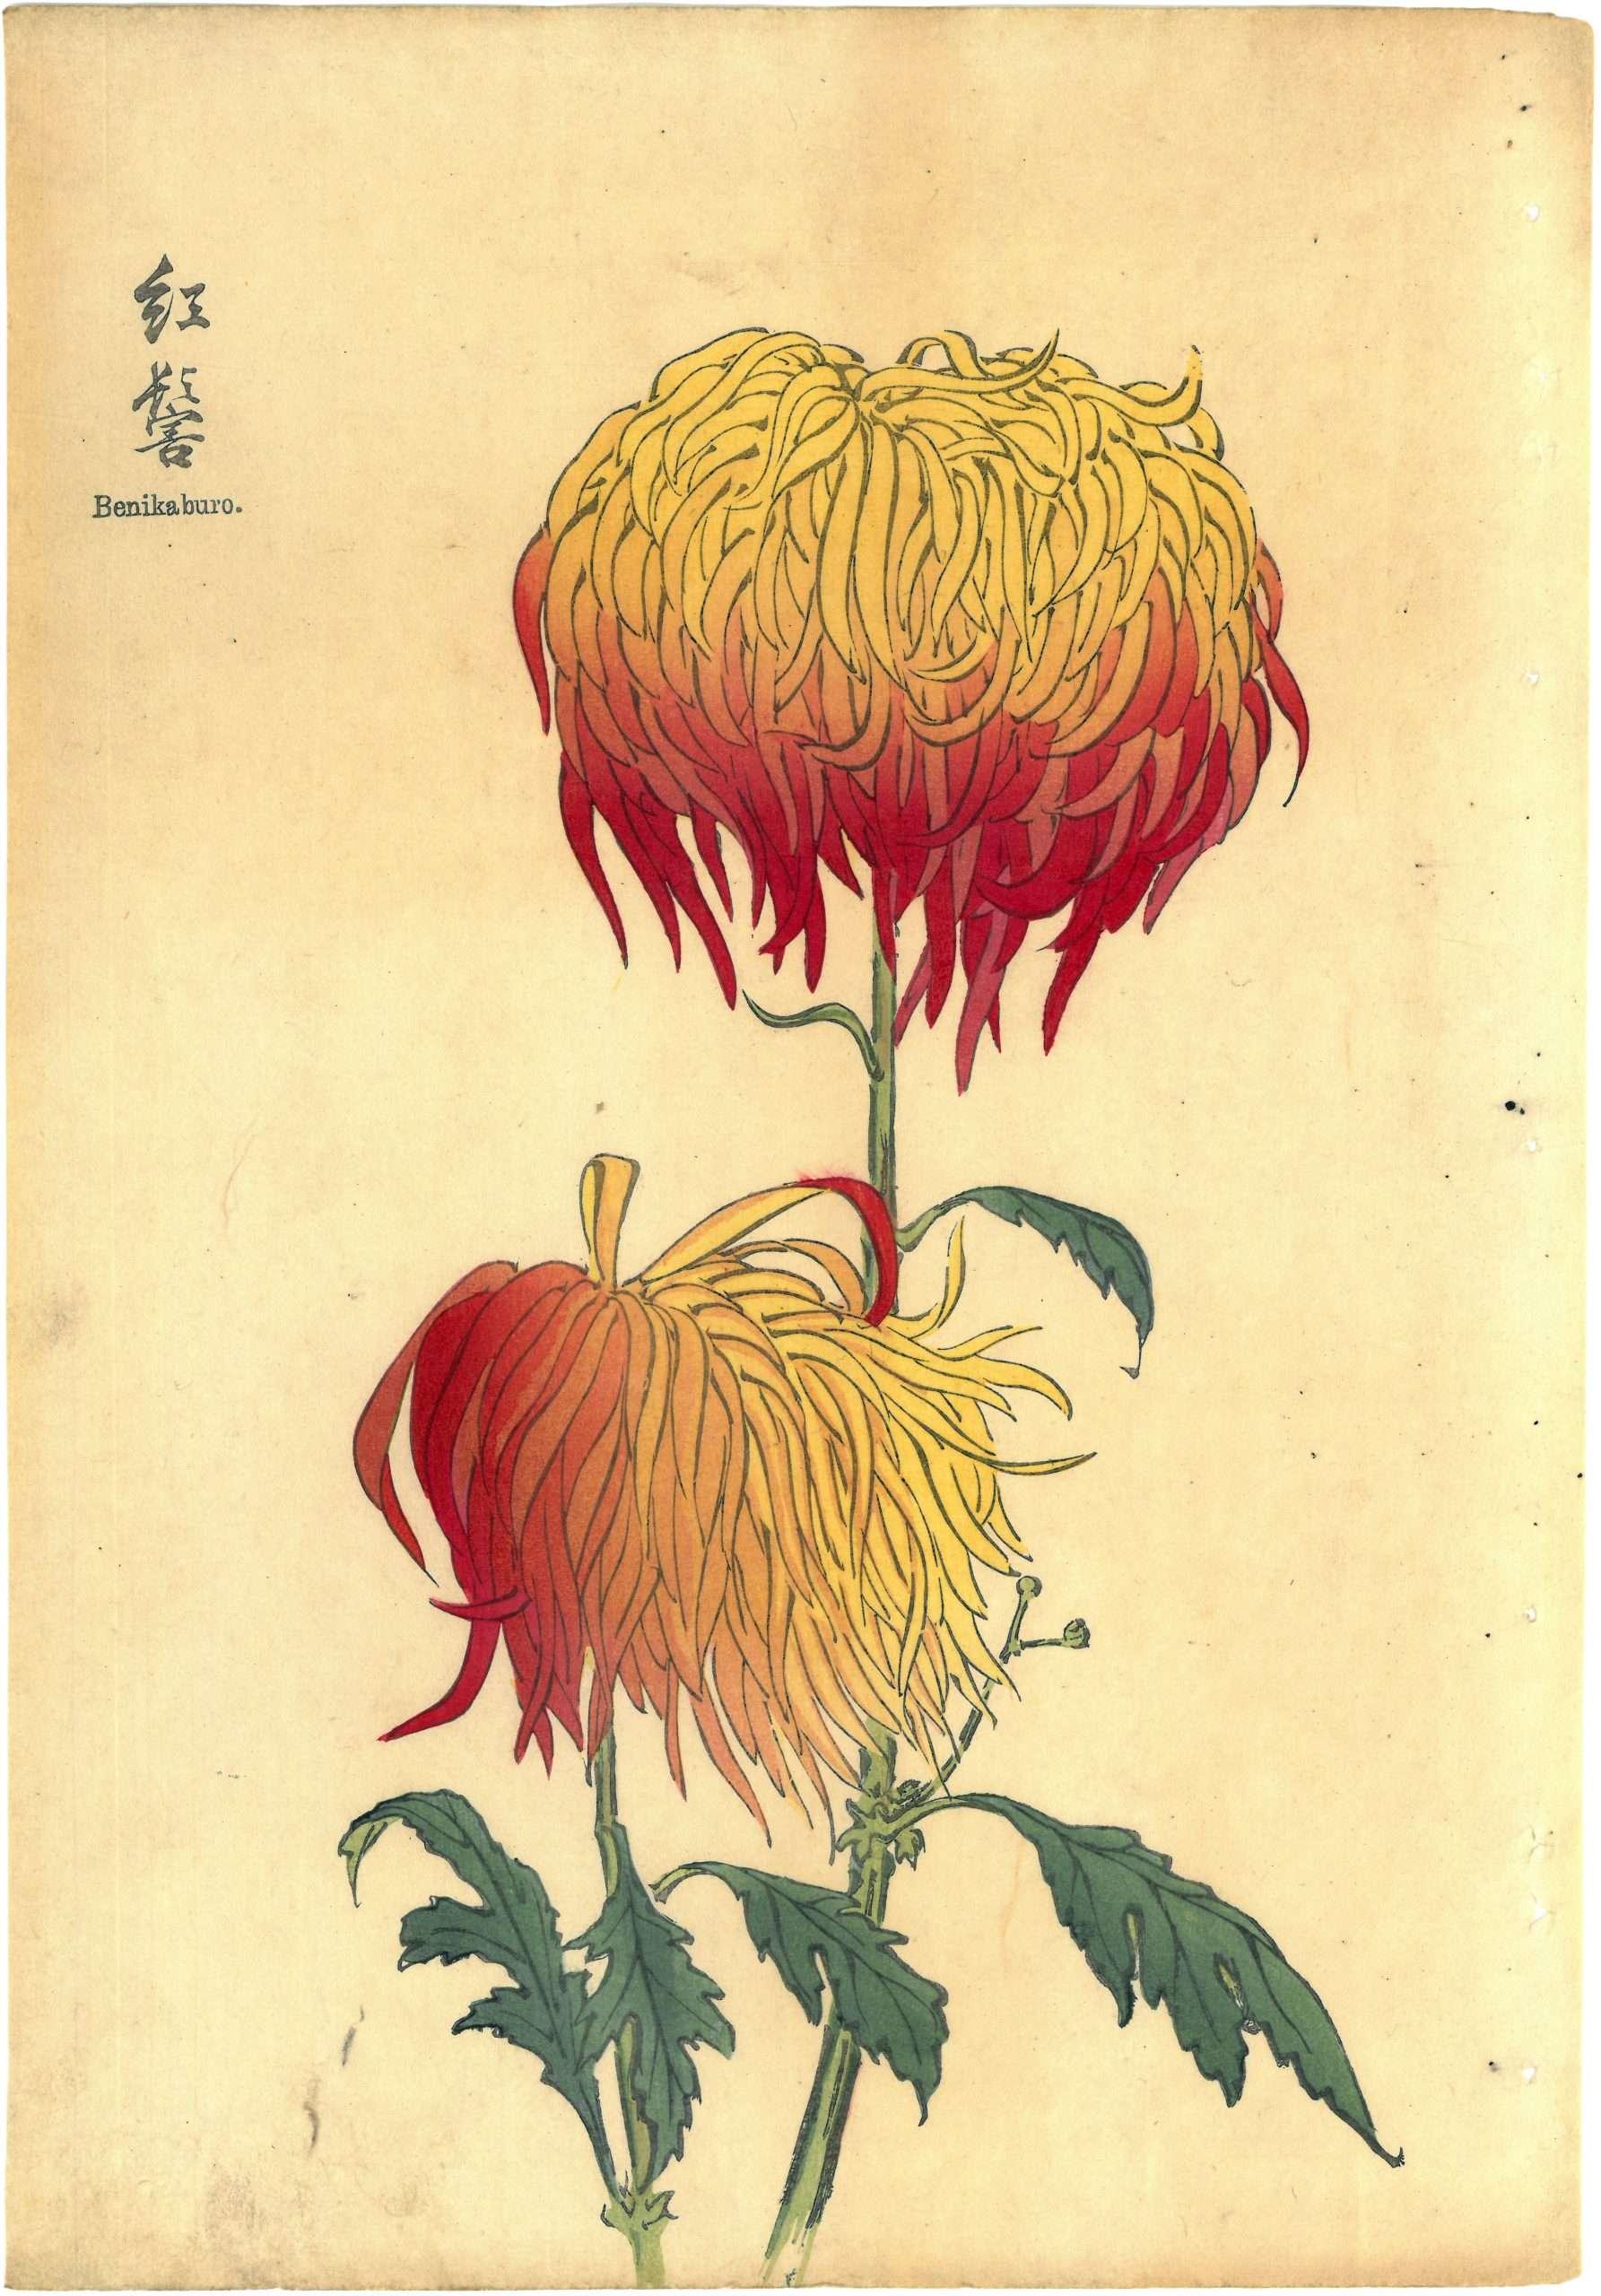 Keika Hasegawa – Benikaburo, 1893 (From One Hundred Chrysanthemums Series)